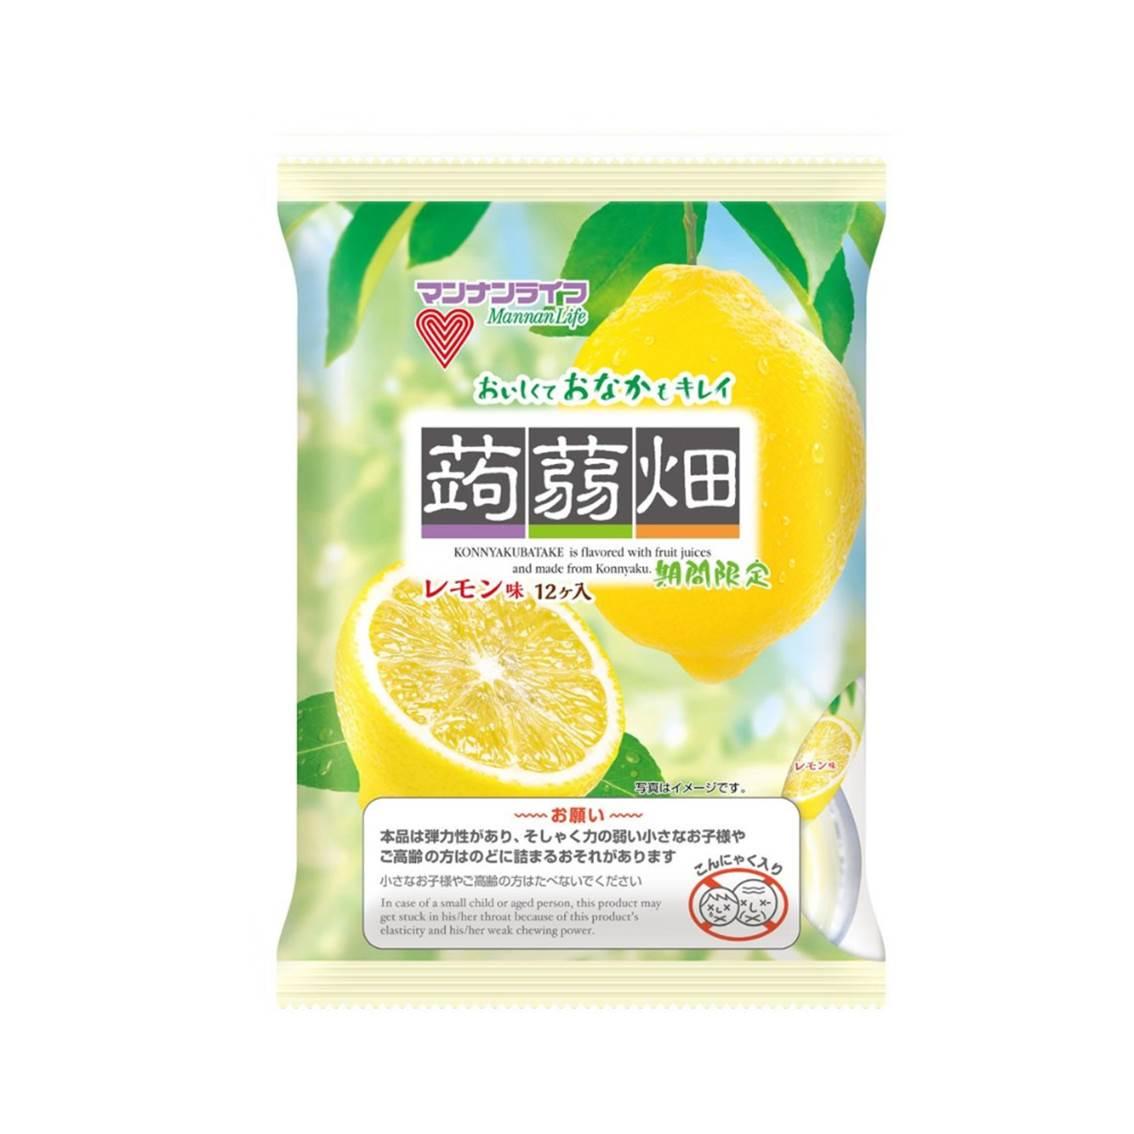 蒟蒻?檸檬果凍